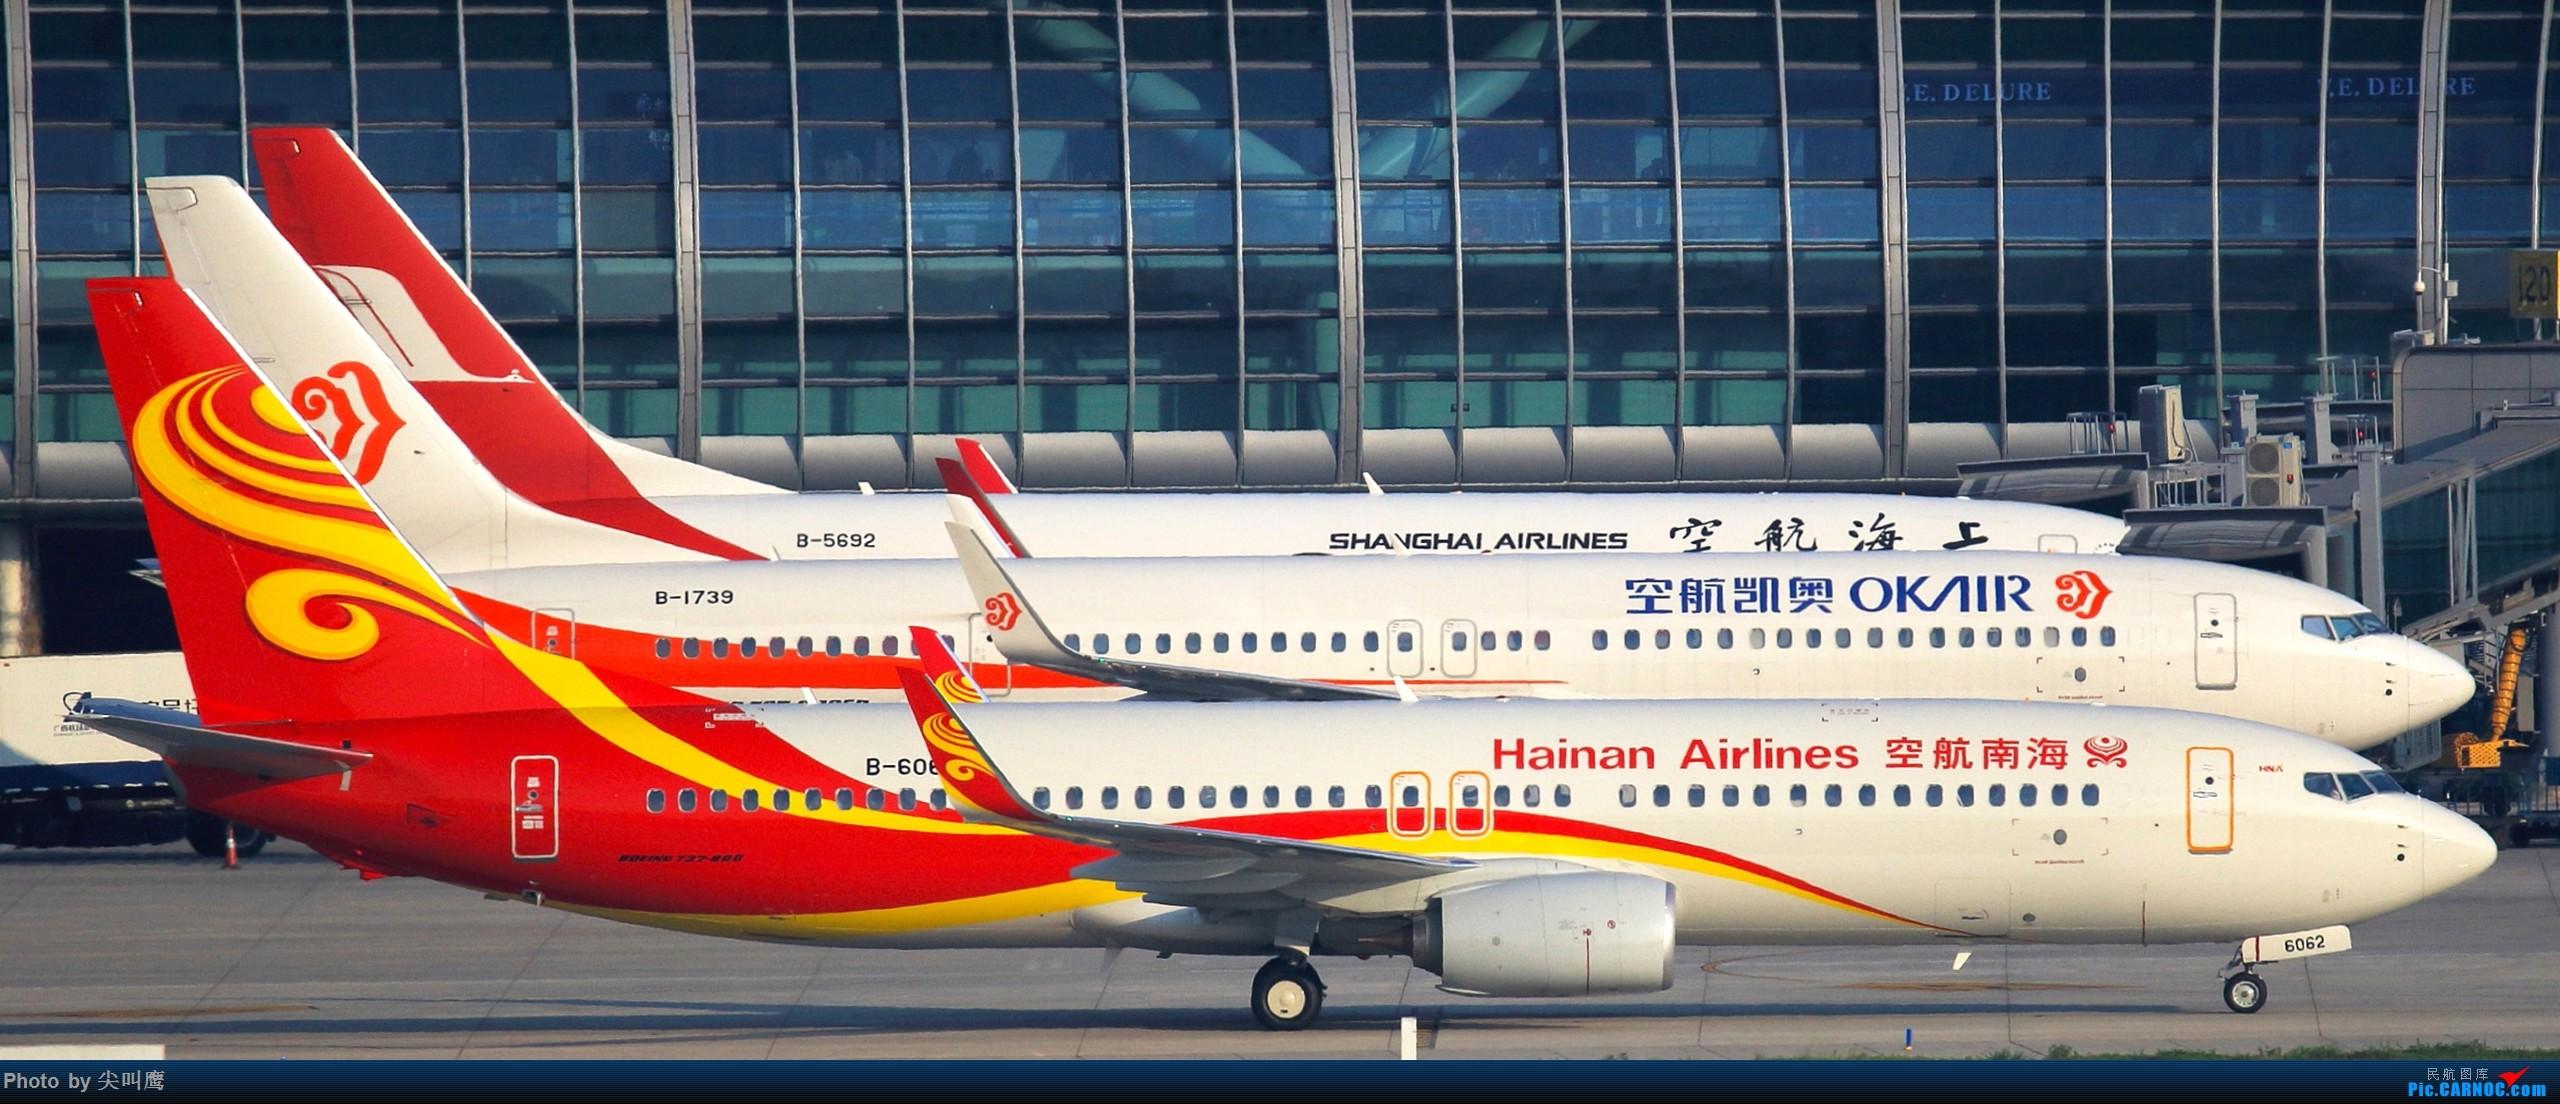 Re:[原创]737-800排排坐 BOEING 737-800 B-6062 中国南宁吴圩国际机场